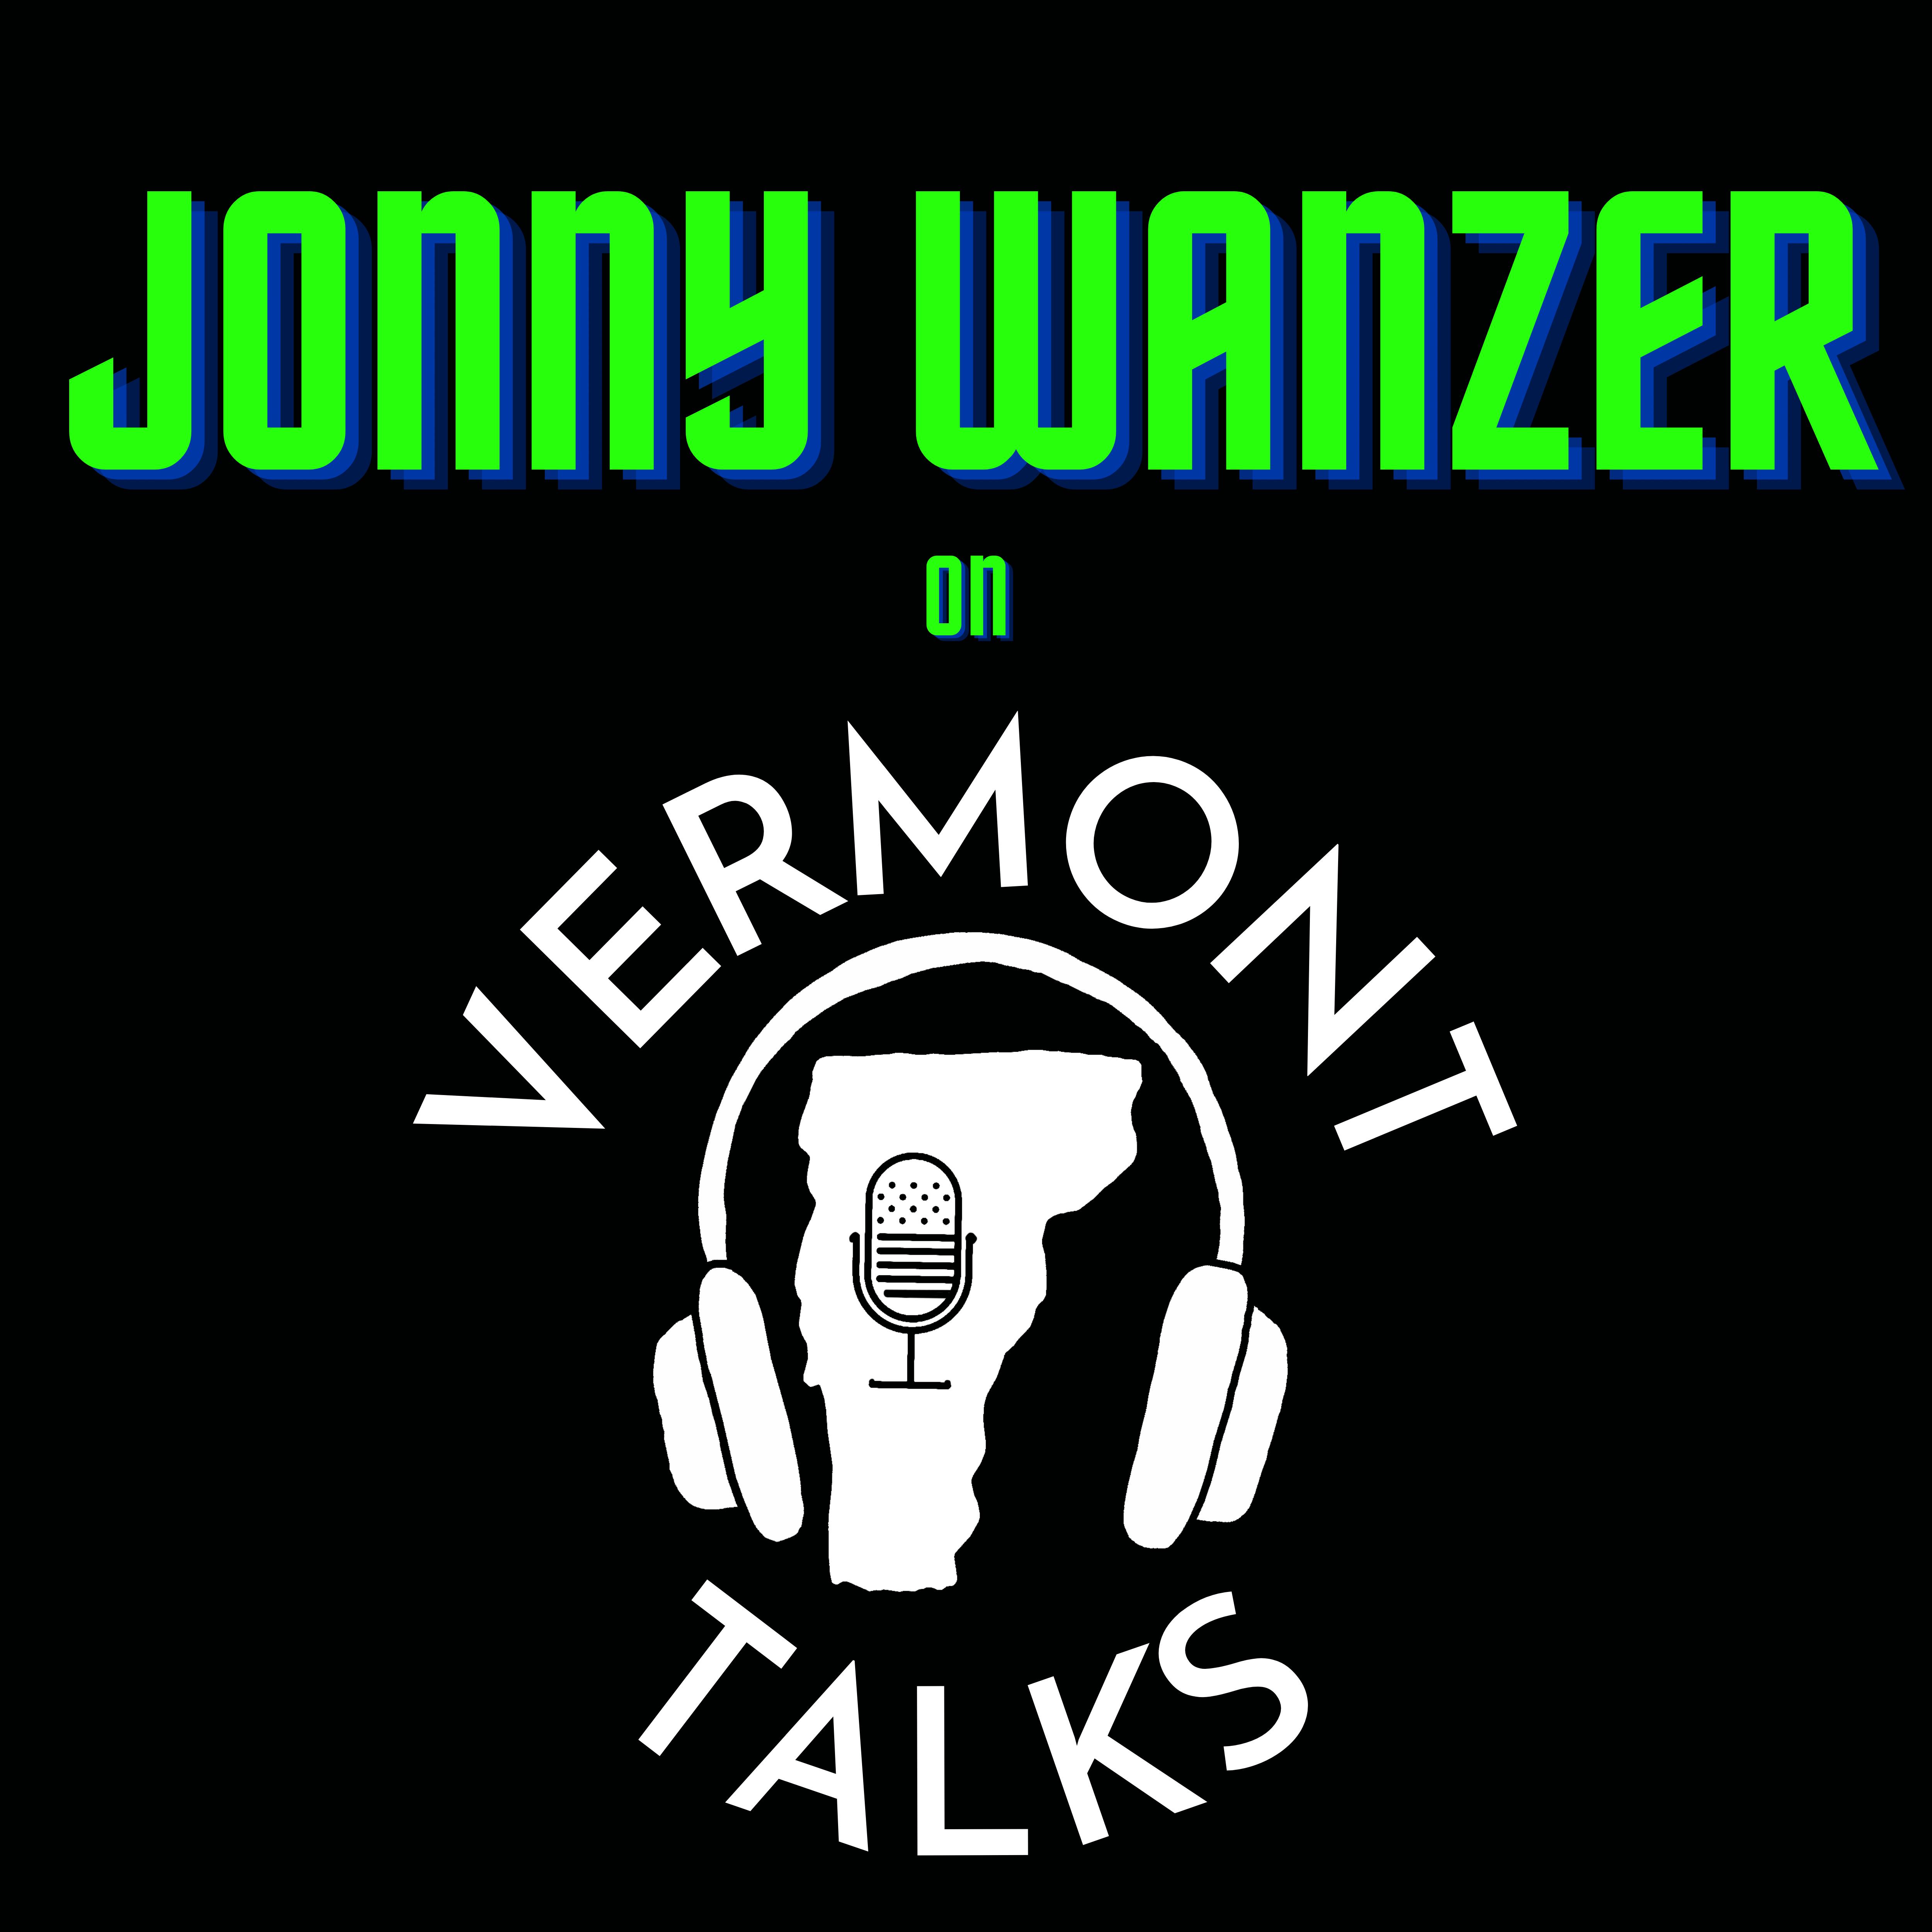 Jonny Wanzer – The Man, The Legend